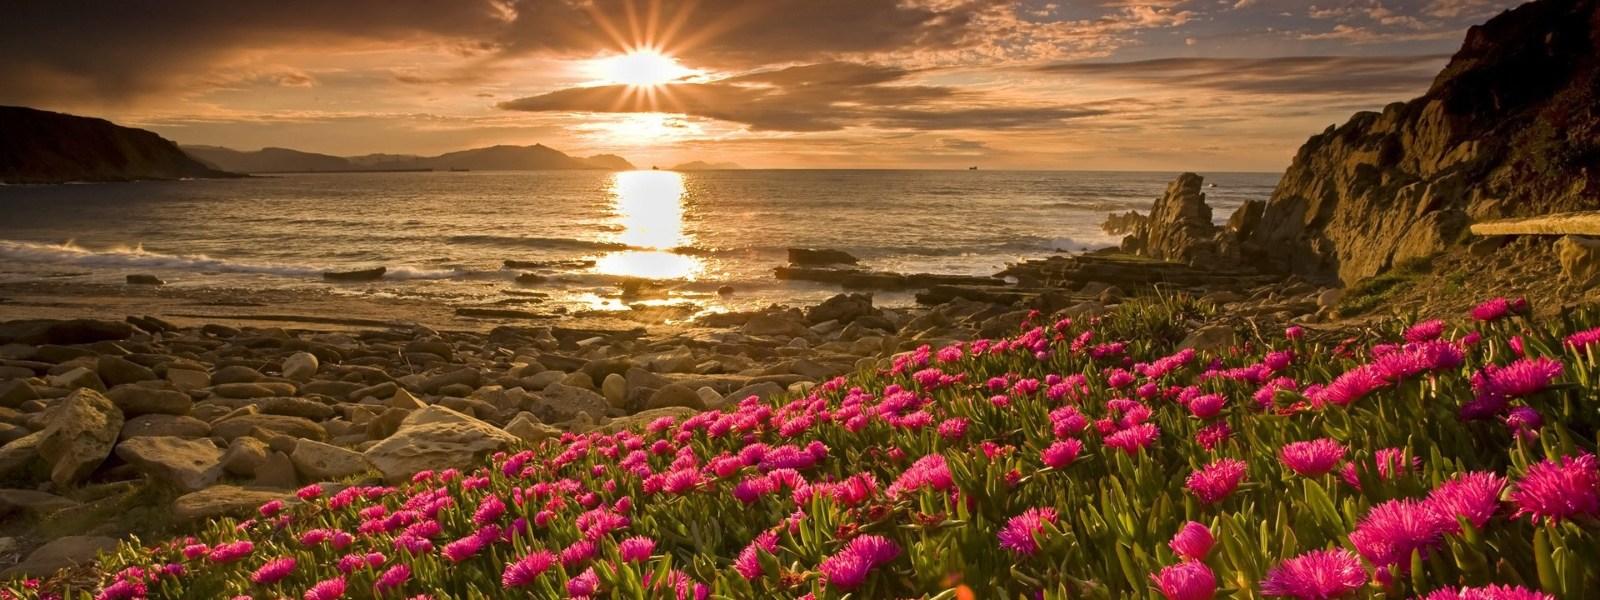 пейзаж 2 побережье с цветами